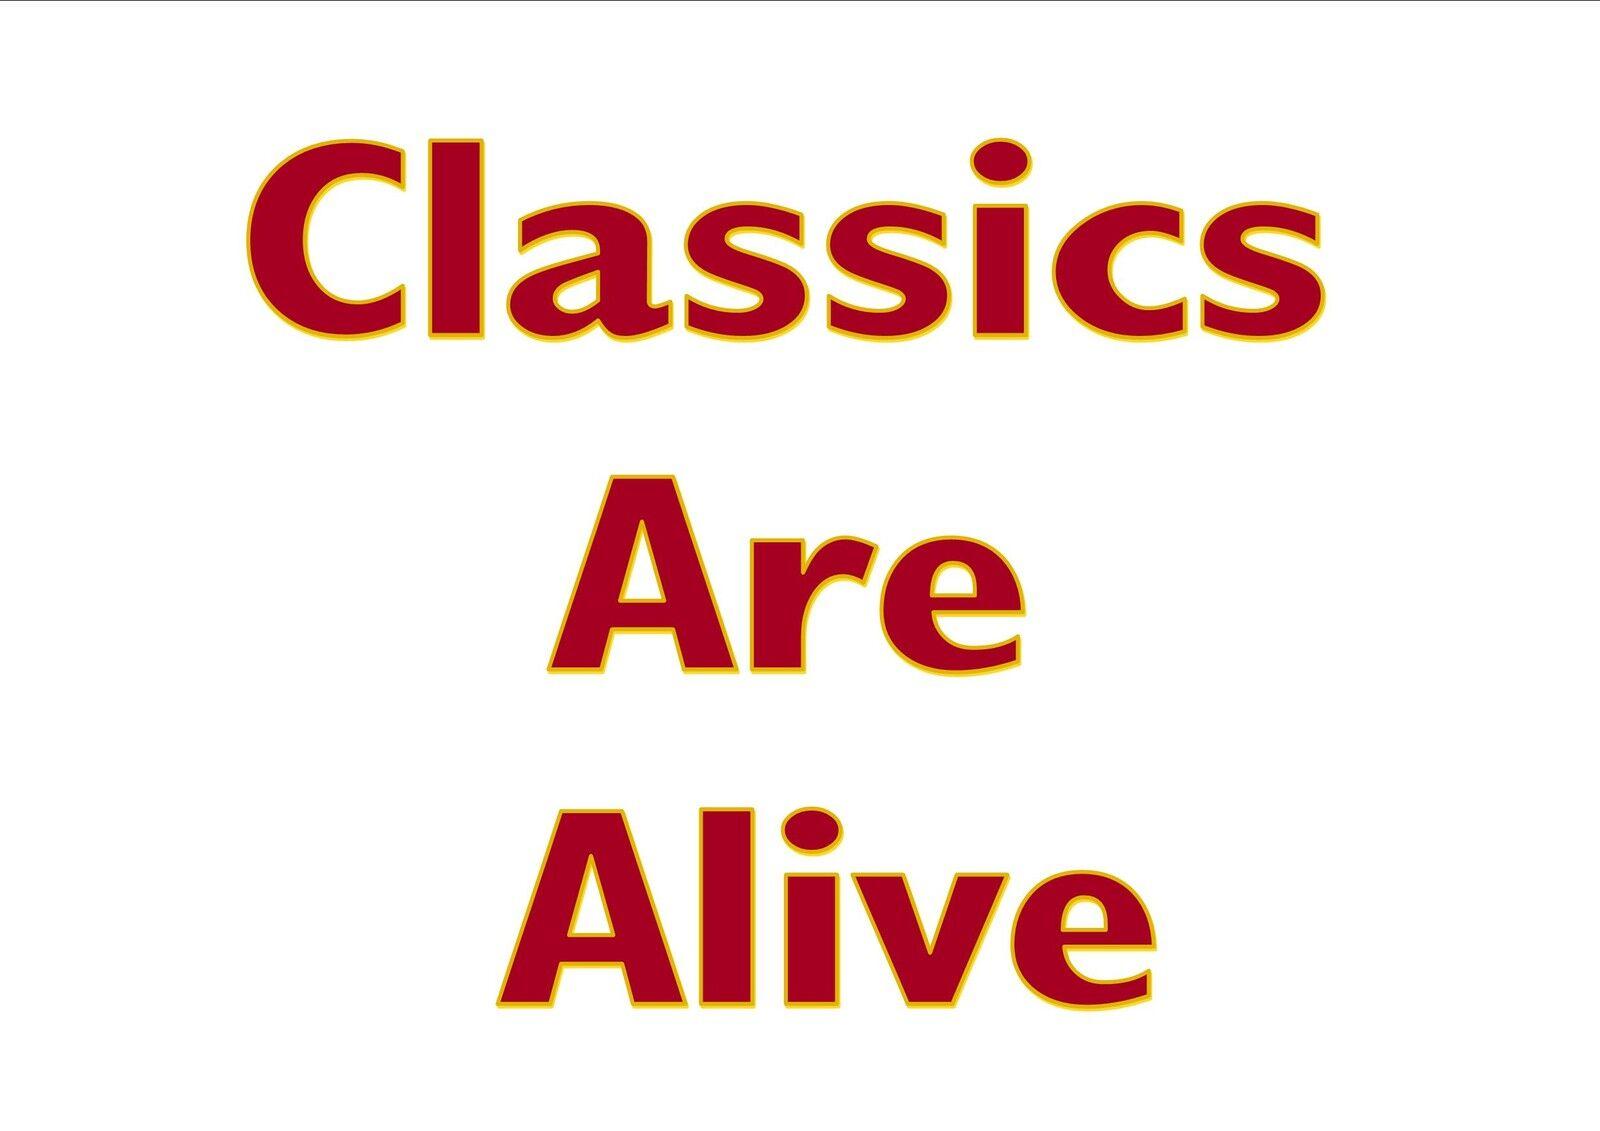 Classics Are Alive